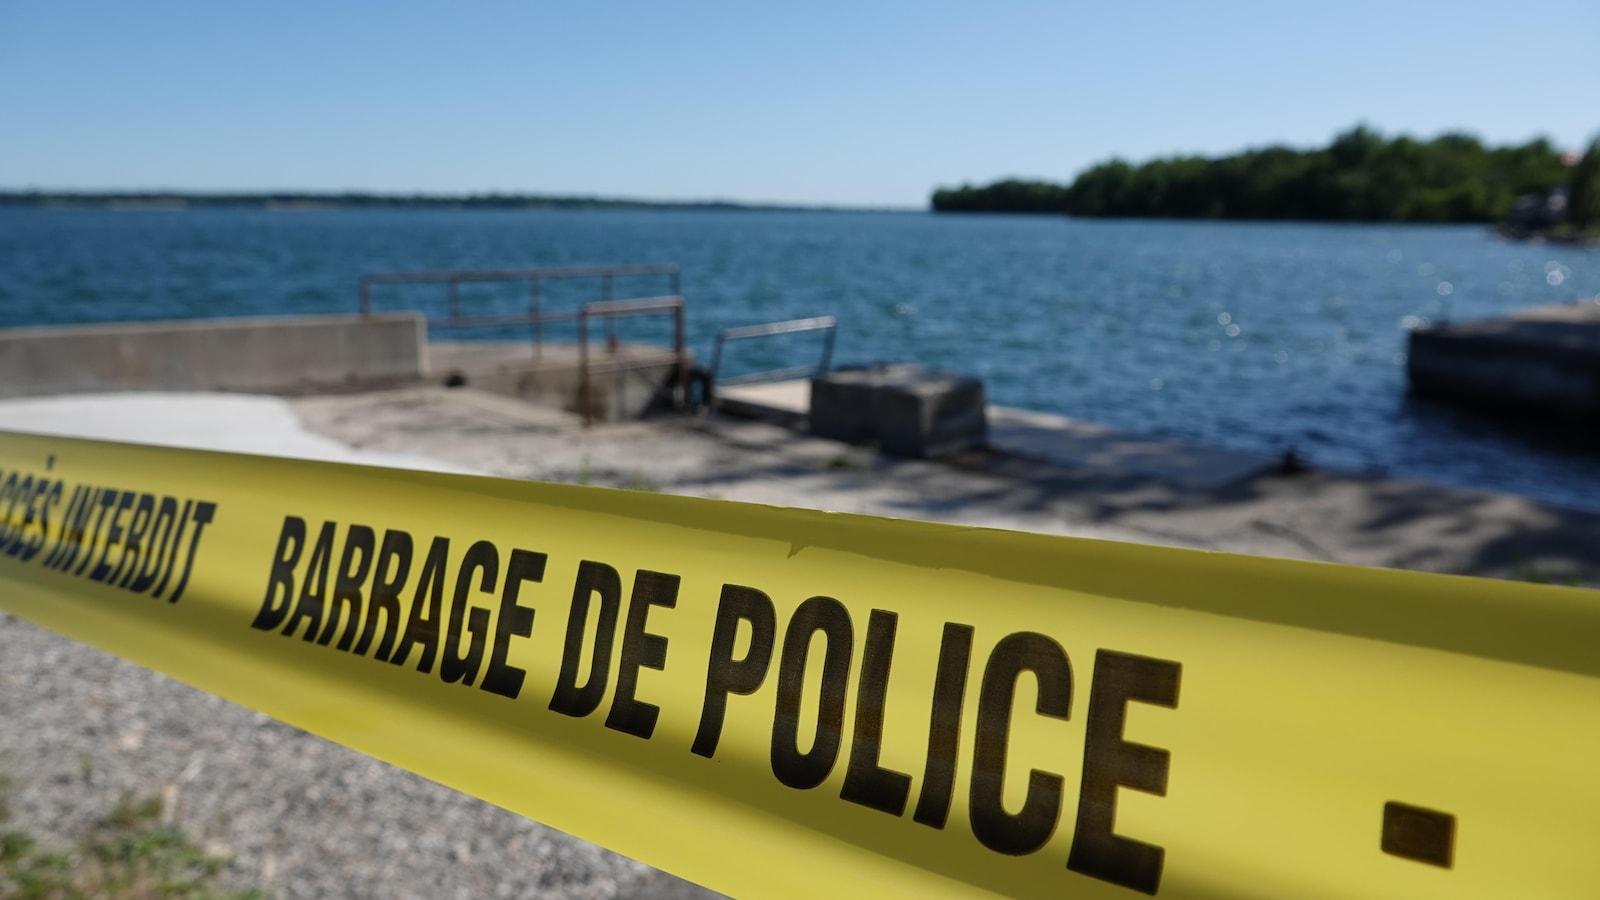 Un ruban sur lequel on peut lire « Barrage de police » est vu près d'une rive, lors d'une journée ensoleillée.